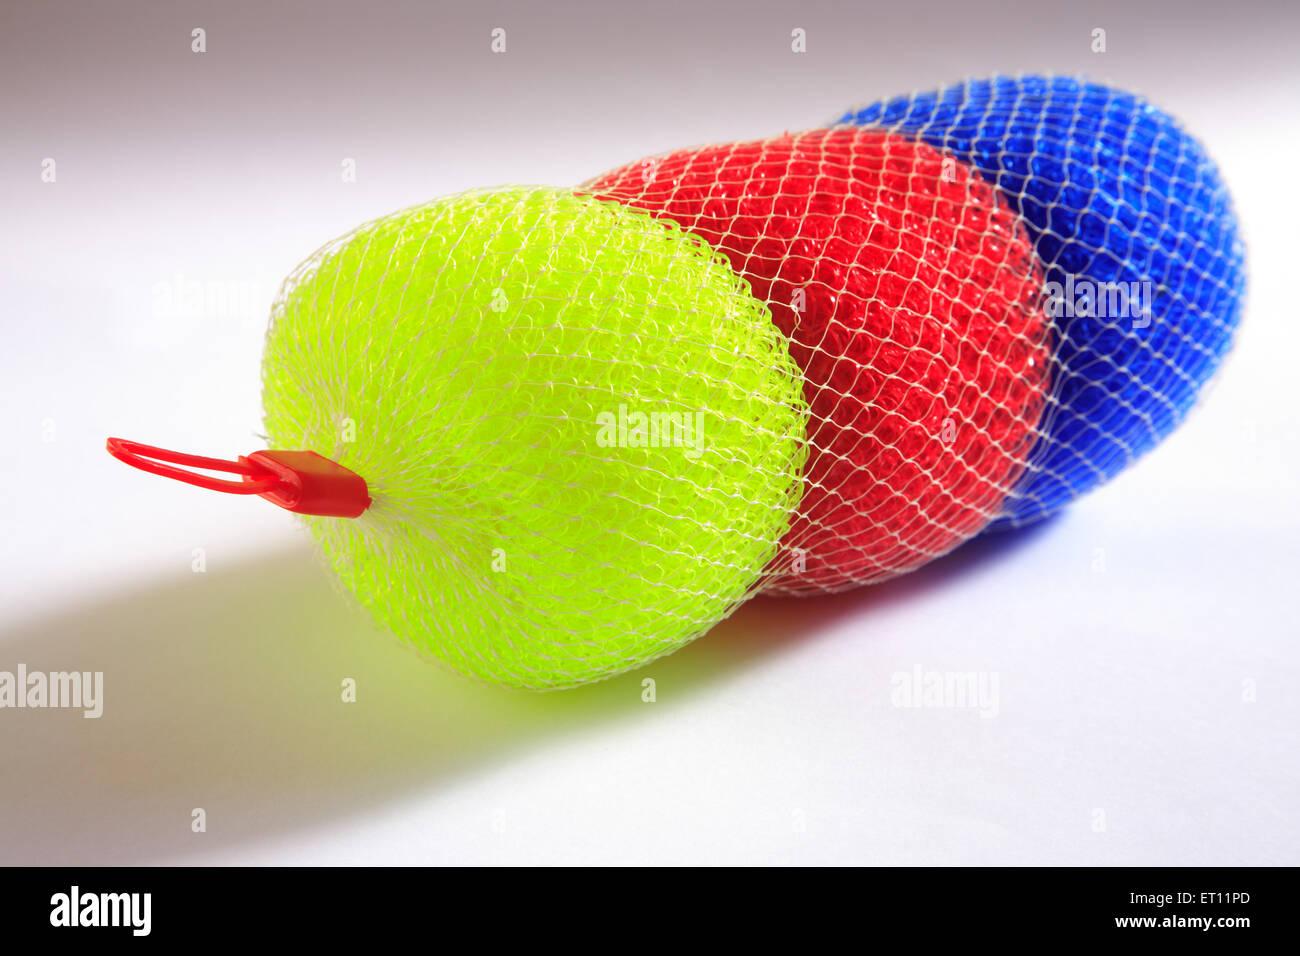 Colourful nylon scouring brush on white background - Stock Image